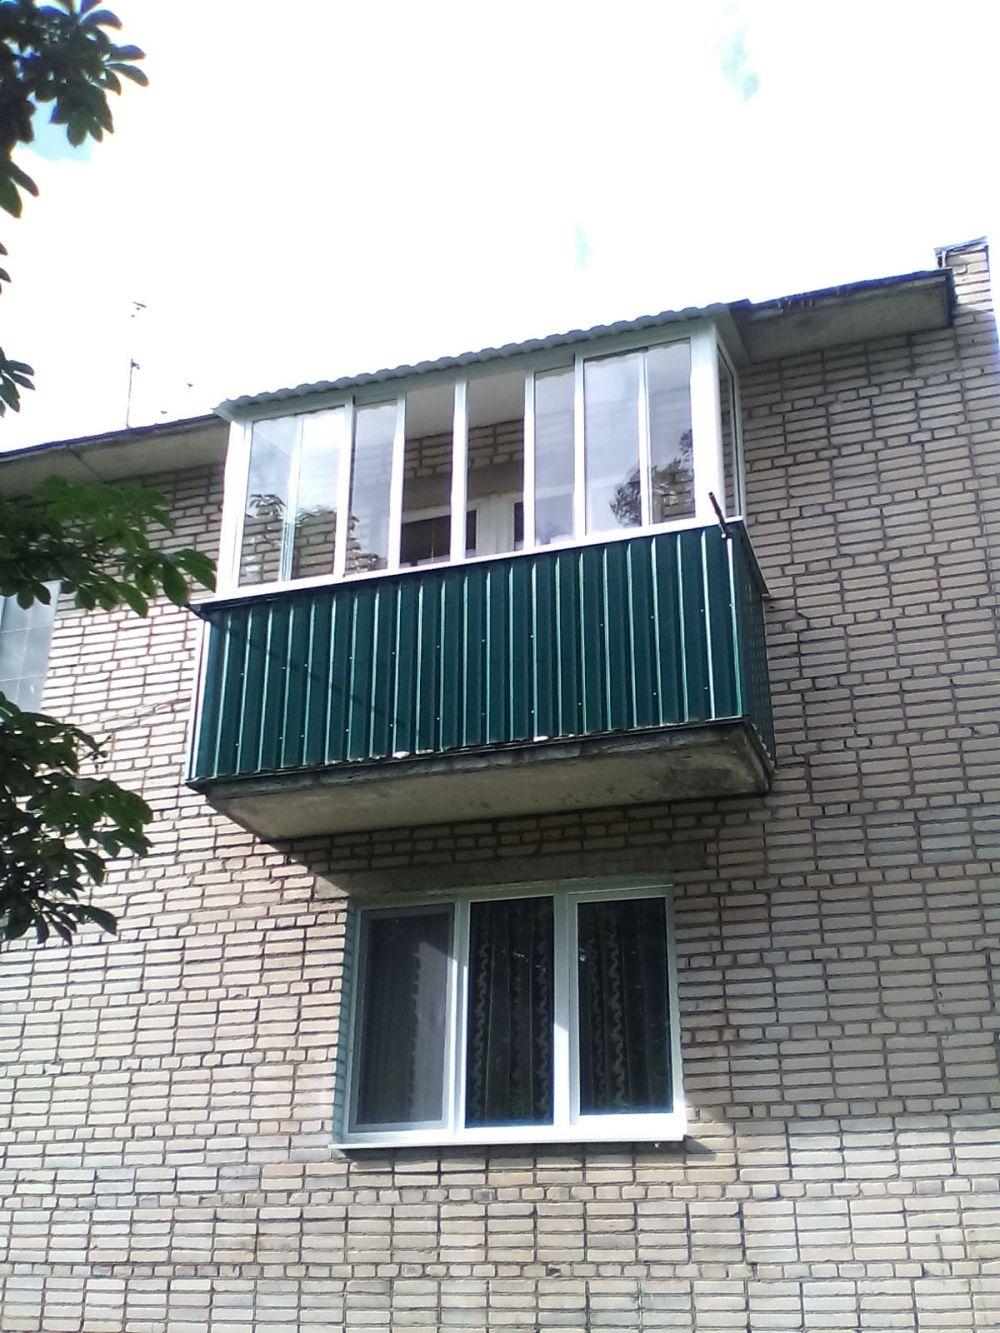 Балконные окна, окна в славянск-на-кубани.